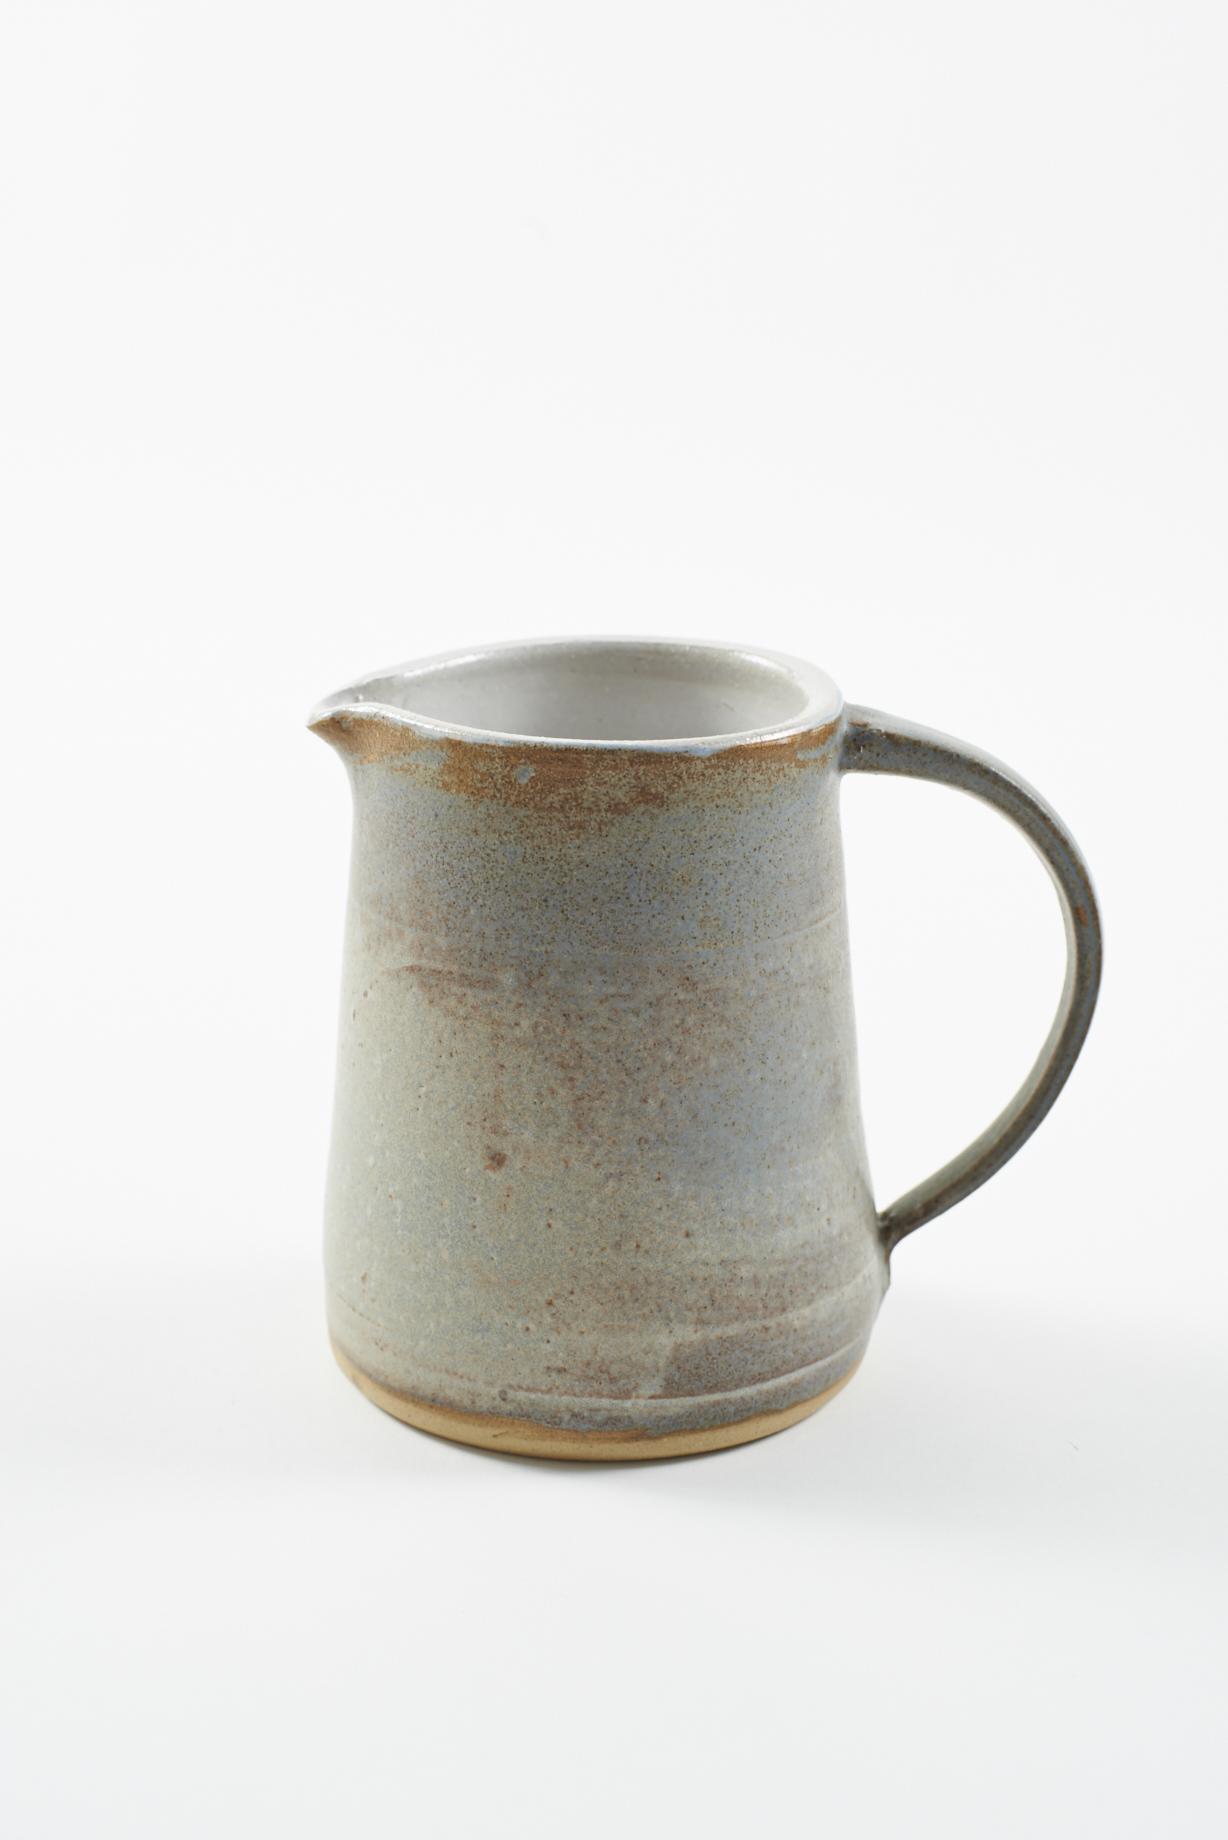 Lane & Parkwood Pottery stoneware jug